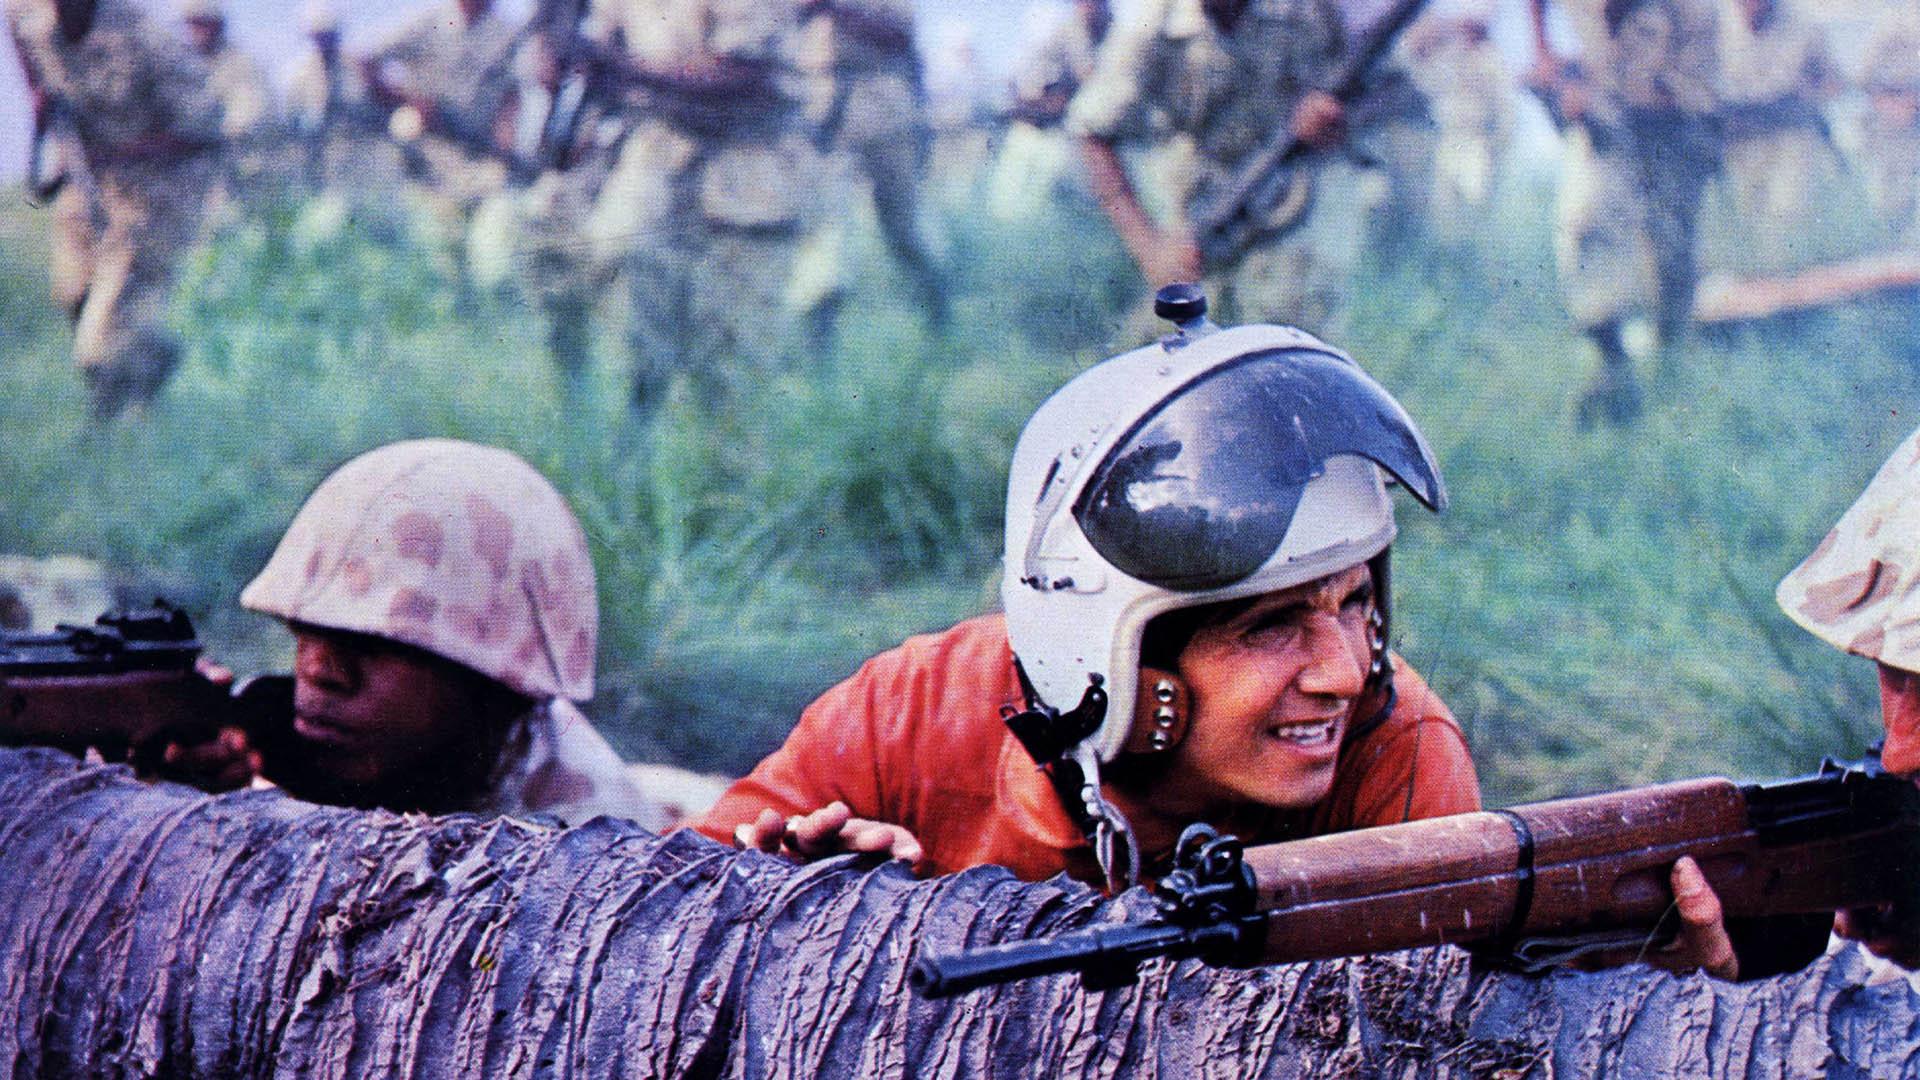 Roberto Carlos jovem, de capacete, abaixado numa trincheira